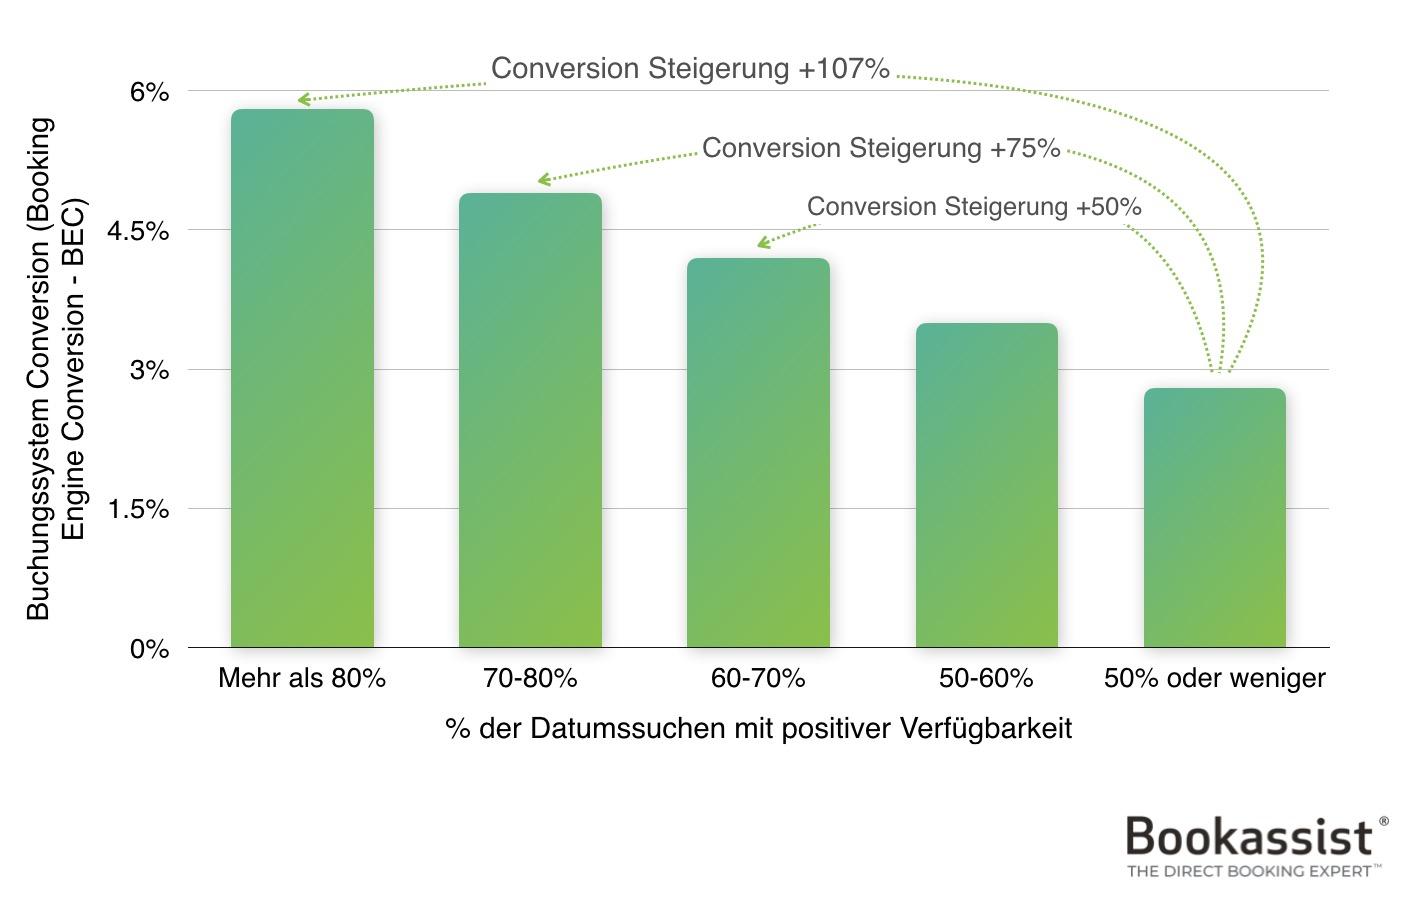 Abbildung 1 – Je positiver die Datensuche verläuft, desto höher ist die Conversion-Rate. Verfügbarkeit bei Direktbuchungen ist ausschlaggebend.